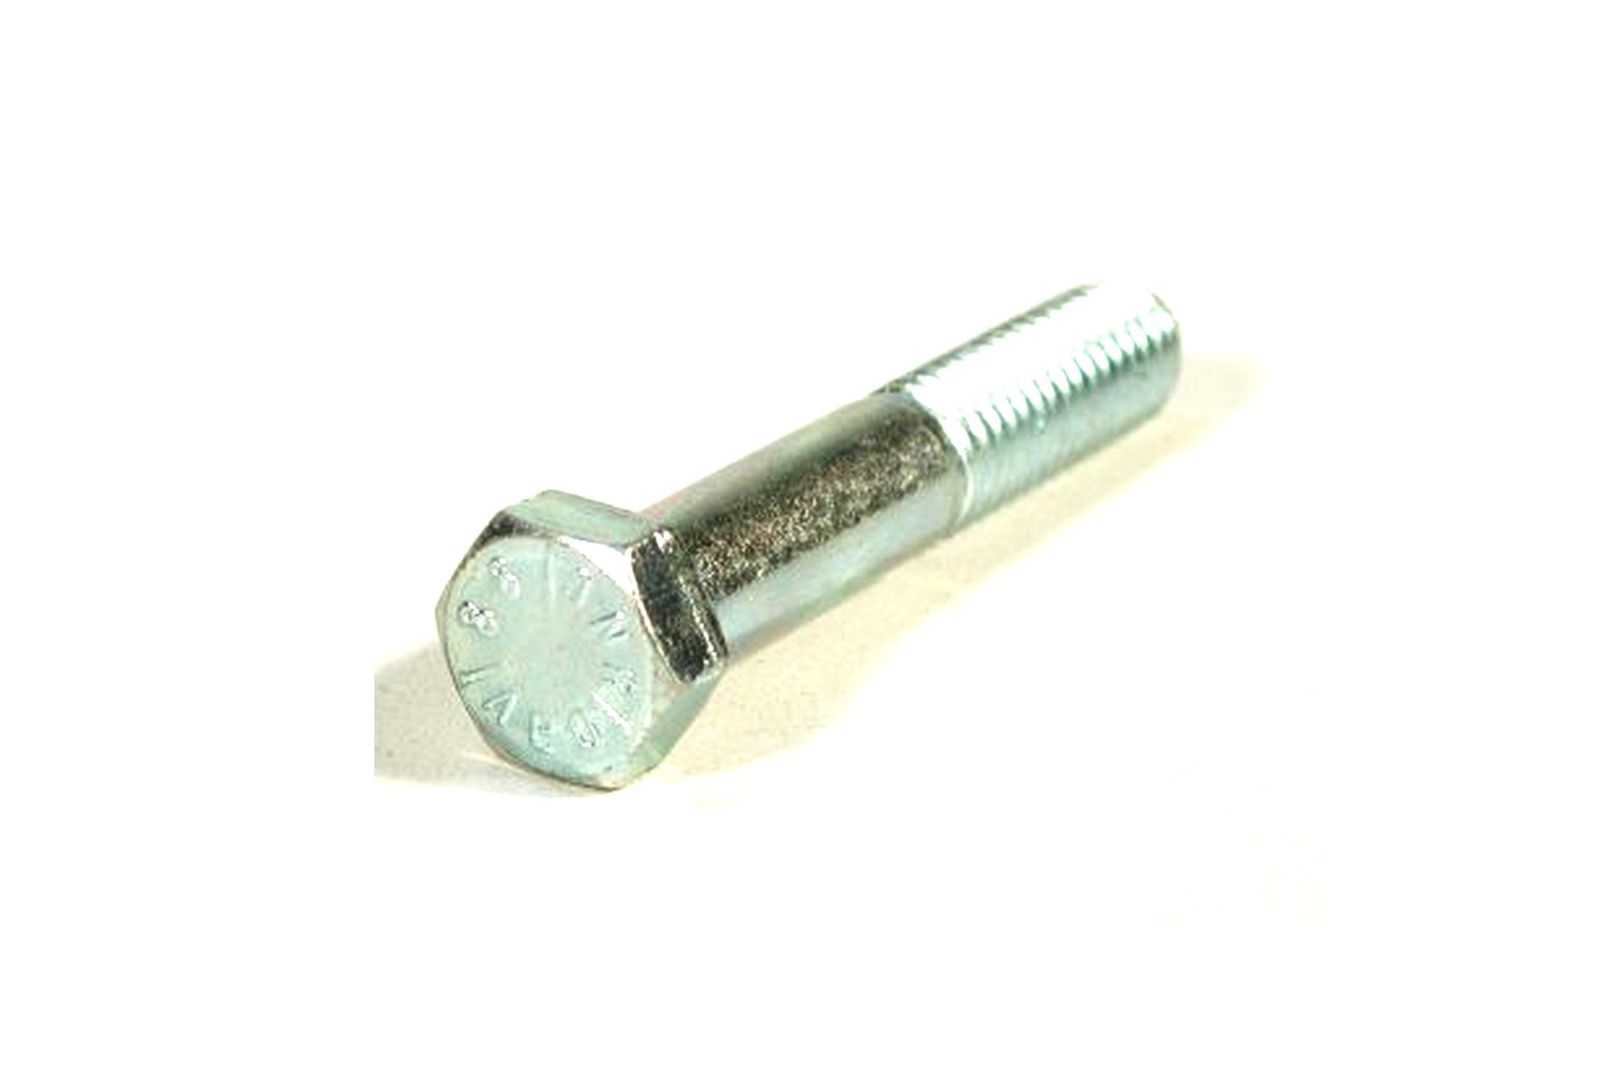 """#1001-53 Bolzen UNC 7/16"""" x 2 1/4"""", BH507181"""